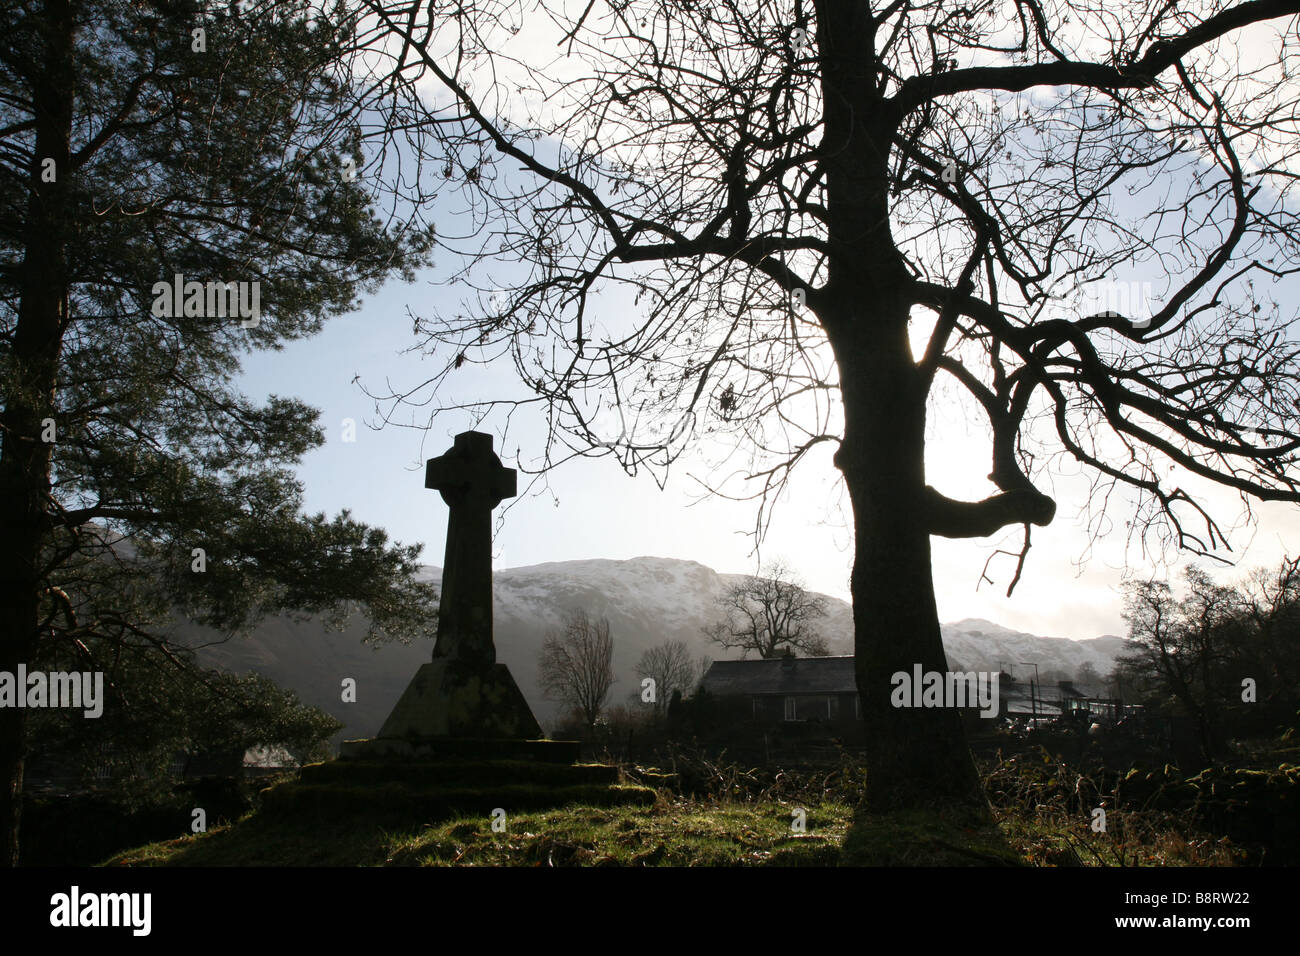 Grabstein und Baum im Morgenlicht Stockbild